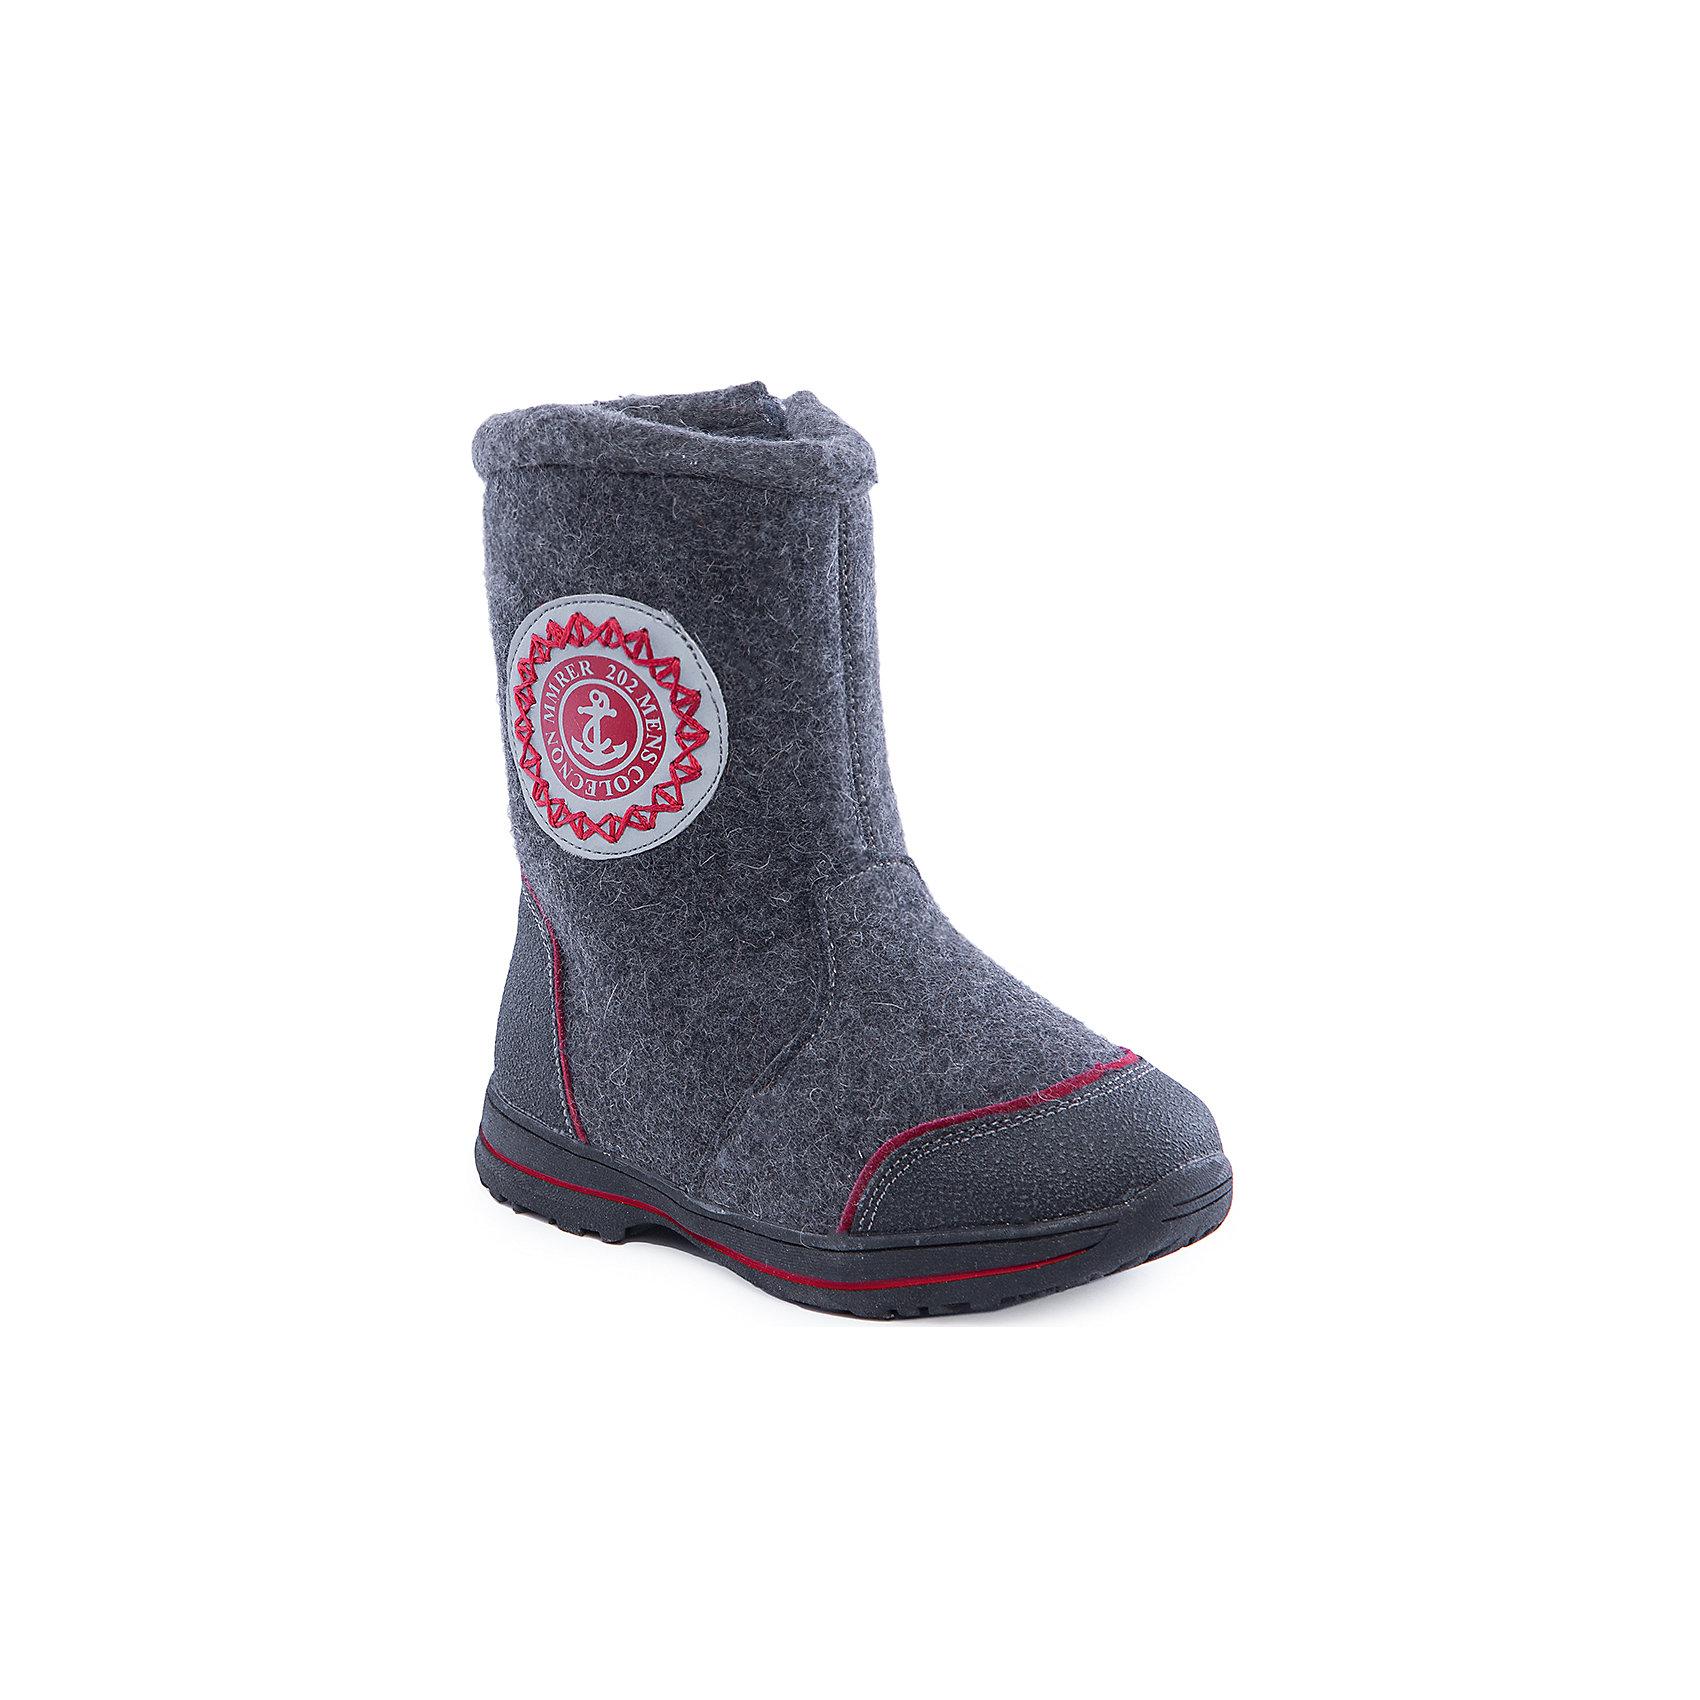 Валенки для мальчика Indigo kidsВаленки для мальчика от известного  бренда Indigo kids<br><br>Модные и удобные валенки помогут защитить детские ножки от сырости и холода. Они легко надеваются, комфортно садятся по ноге.<br><br>Особенности модели:<br><br>- цвет - серый;<br>- стильный дизайн;<br>- защита пятки и пальцев;<br>- удобная колодка;<br>- подкладка утепленная;<br>- аппликация на голенище;<br>- устойчивая рифленая подошва;<br>- застежка - молния.<br><br>Дополнительная информация:<br><br>Температурный режим:<br><br>от -20° С до 0° С<br><br>Состав:<br><br>верх – войлок/кожа натуральная;<br>подкладка - шерсть.<br><br>Валенки для мальчика Indigo kids (Индиго Кидс) можно купить в нашем магазине.<br><br>Ширина мм: 257<br>Глубина мм: 180<br>Высота мм: 130<br>Вес г: 420<br>Цвет: серый<br>Возраст от месяцев: 72<br>Возраст до месяцев: 84<br>Пол: Мужской<br>Возраст: Детский<br>Размер: 30,29,33,28,31,32<br>SKU: 4340433